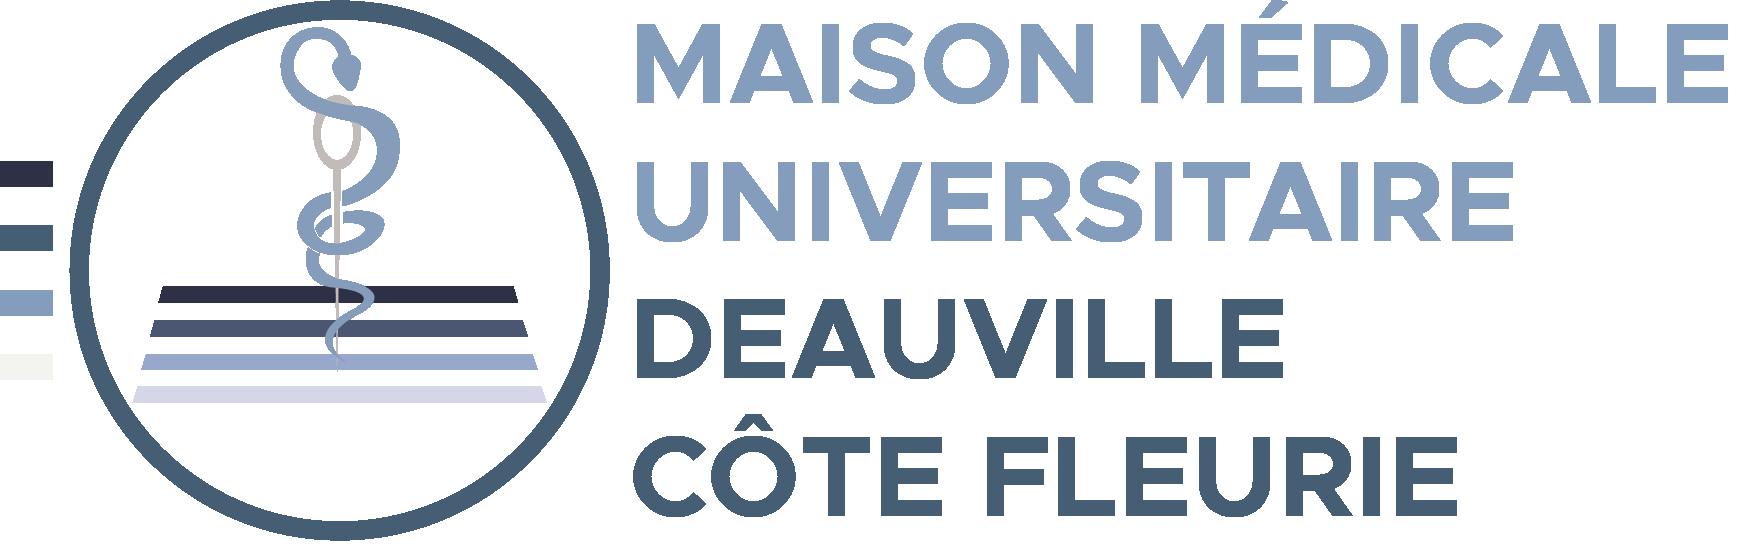 Maison Médicale Universitaire Deauville Côte Fleurie